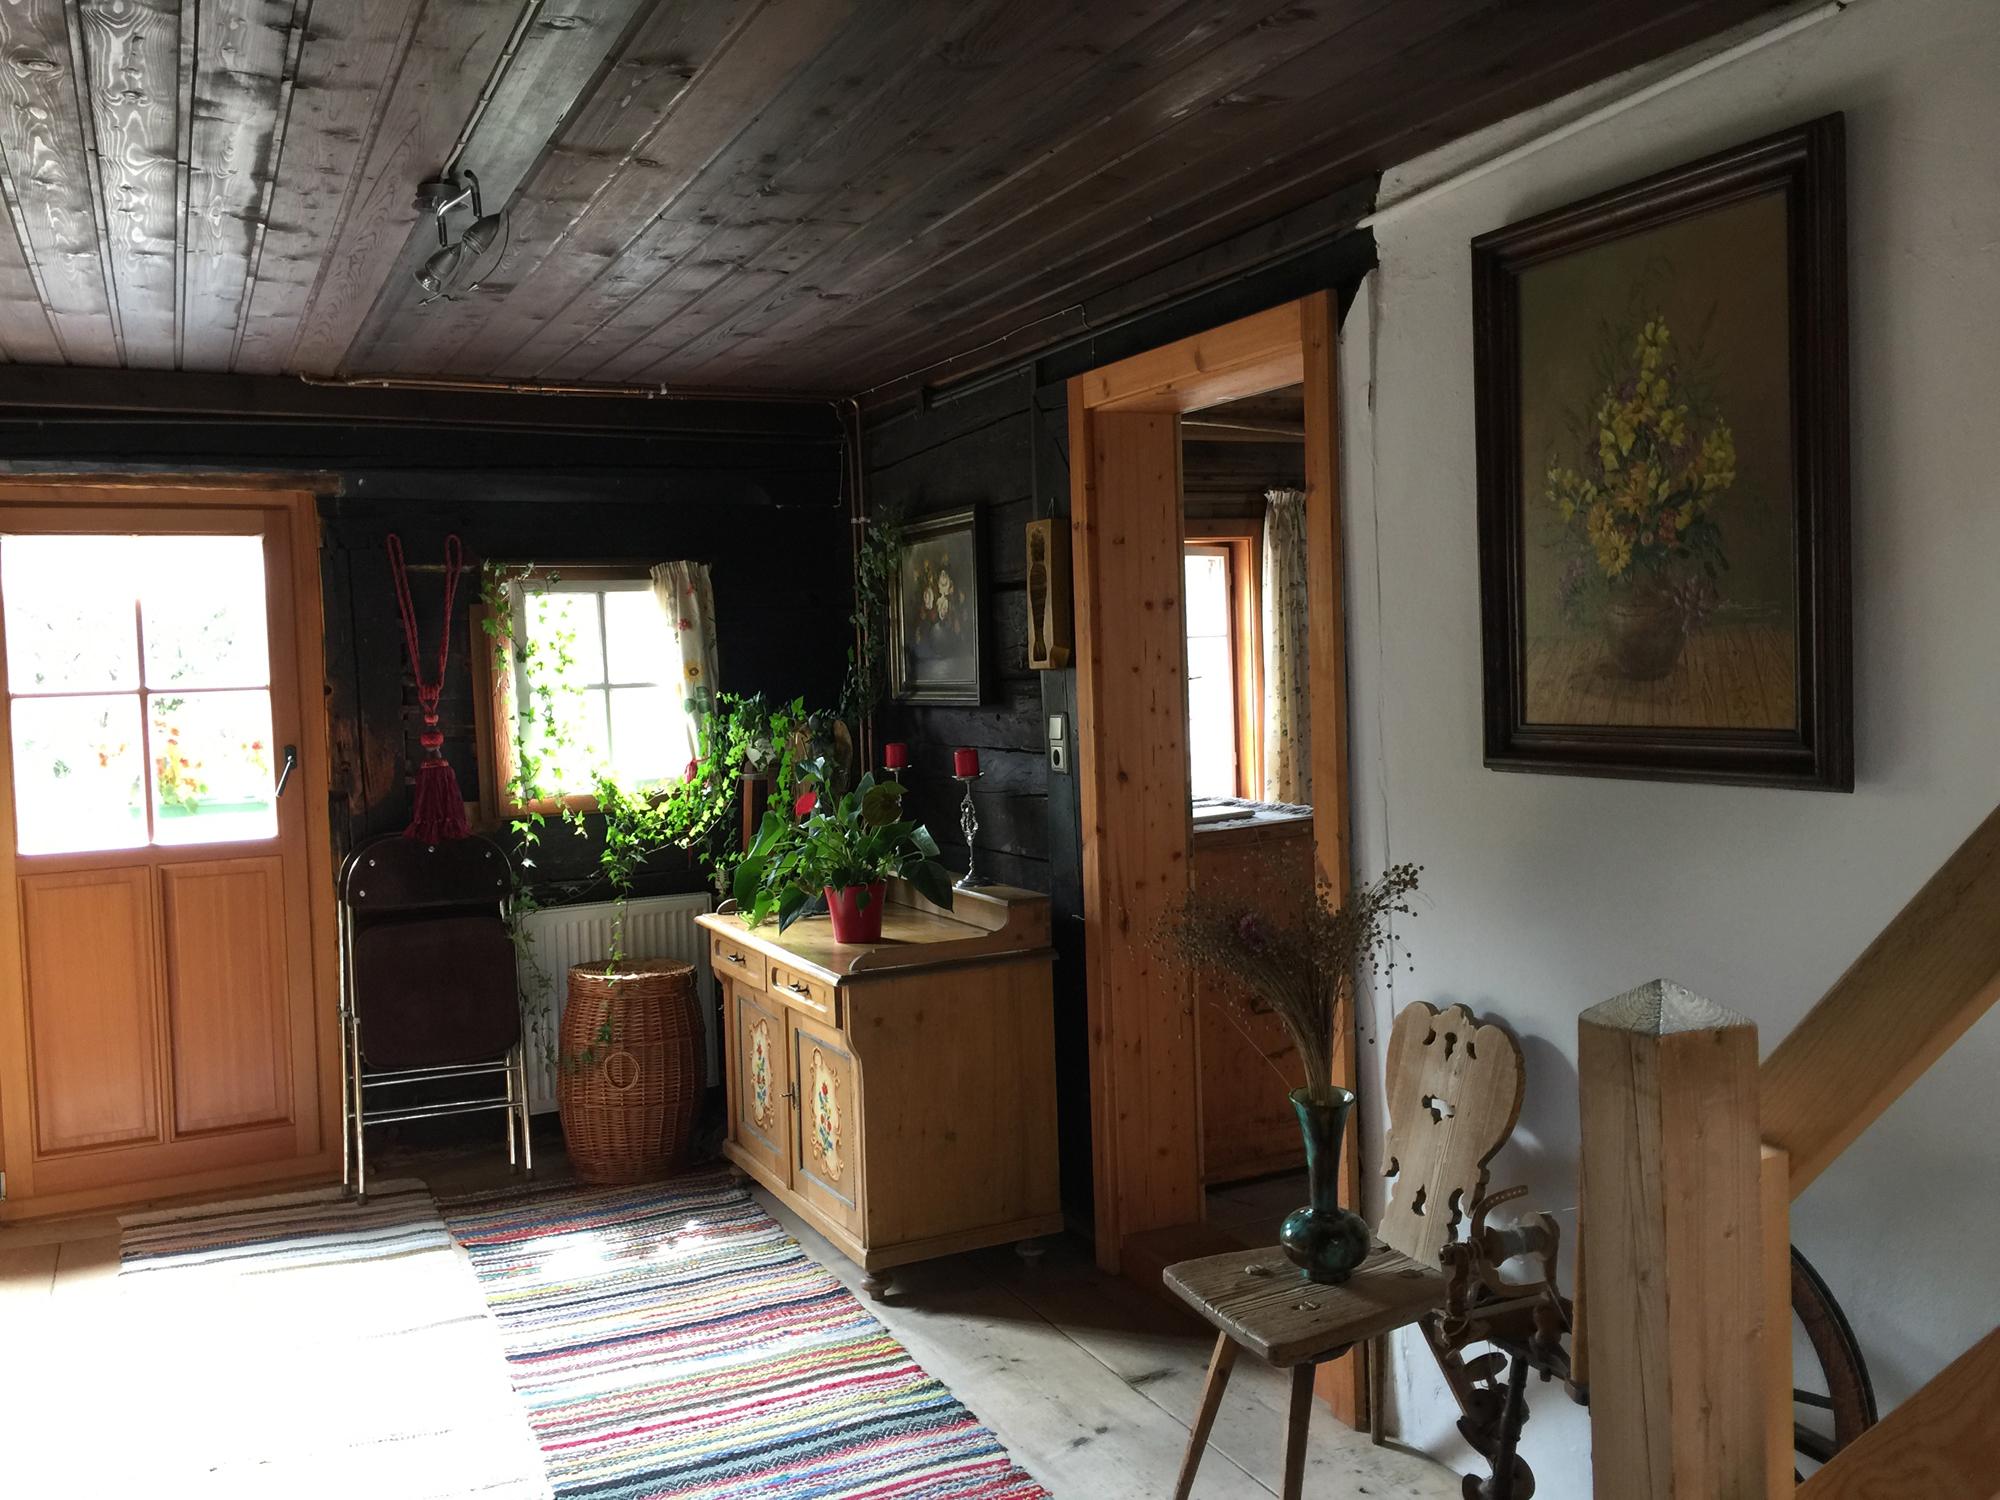 Eines der Zimmer im ersten Stock des Hauses